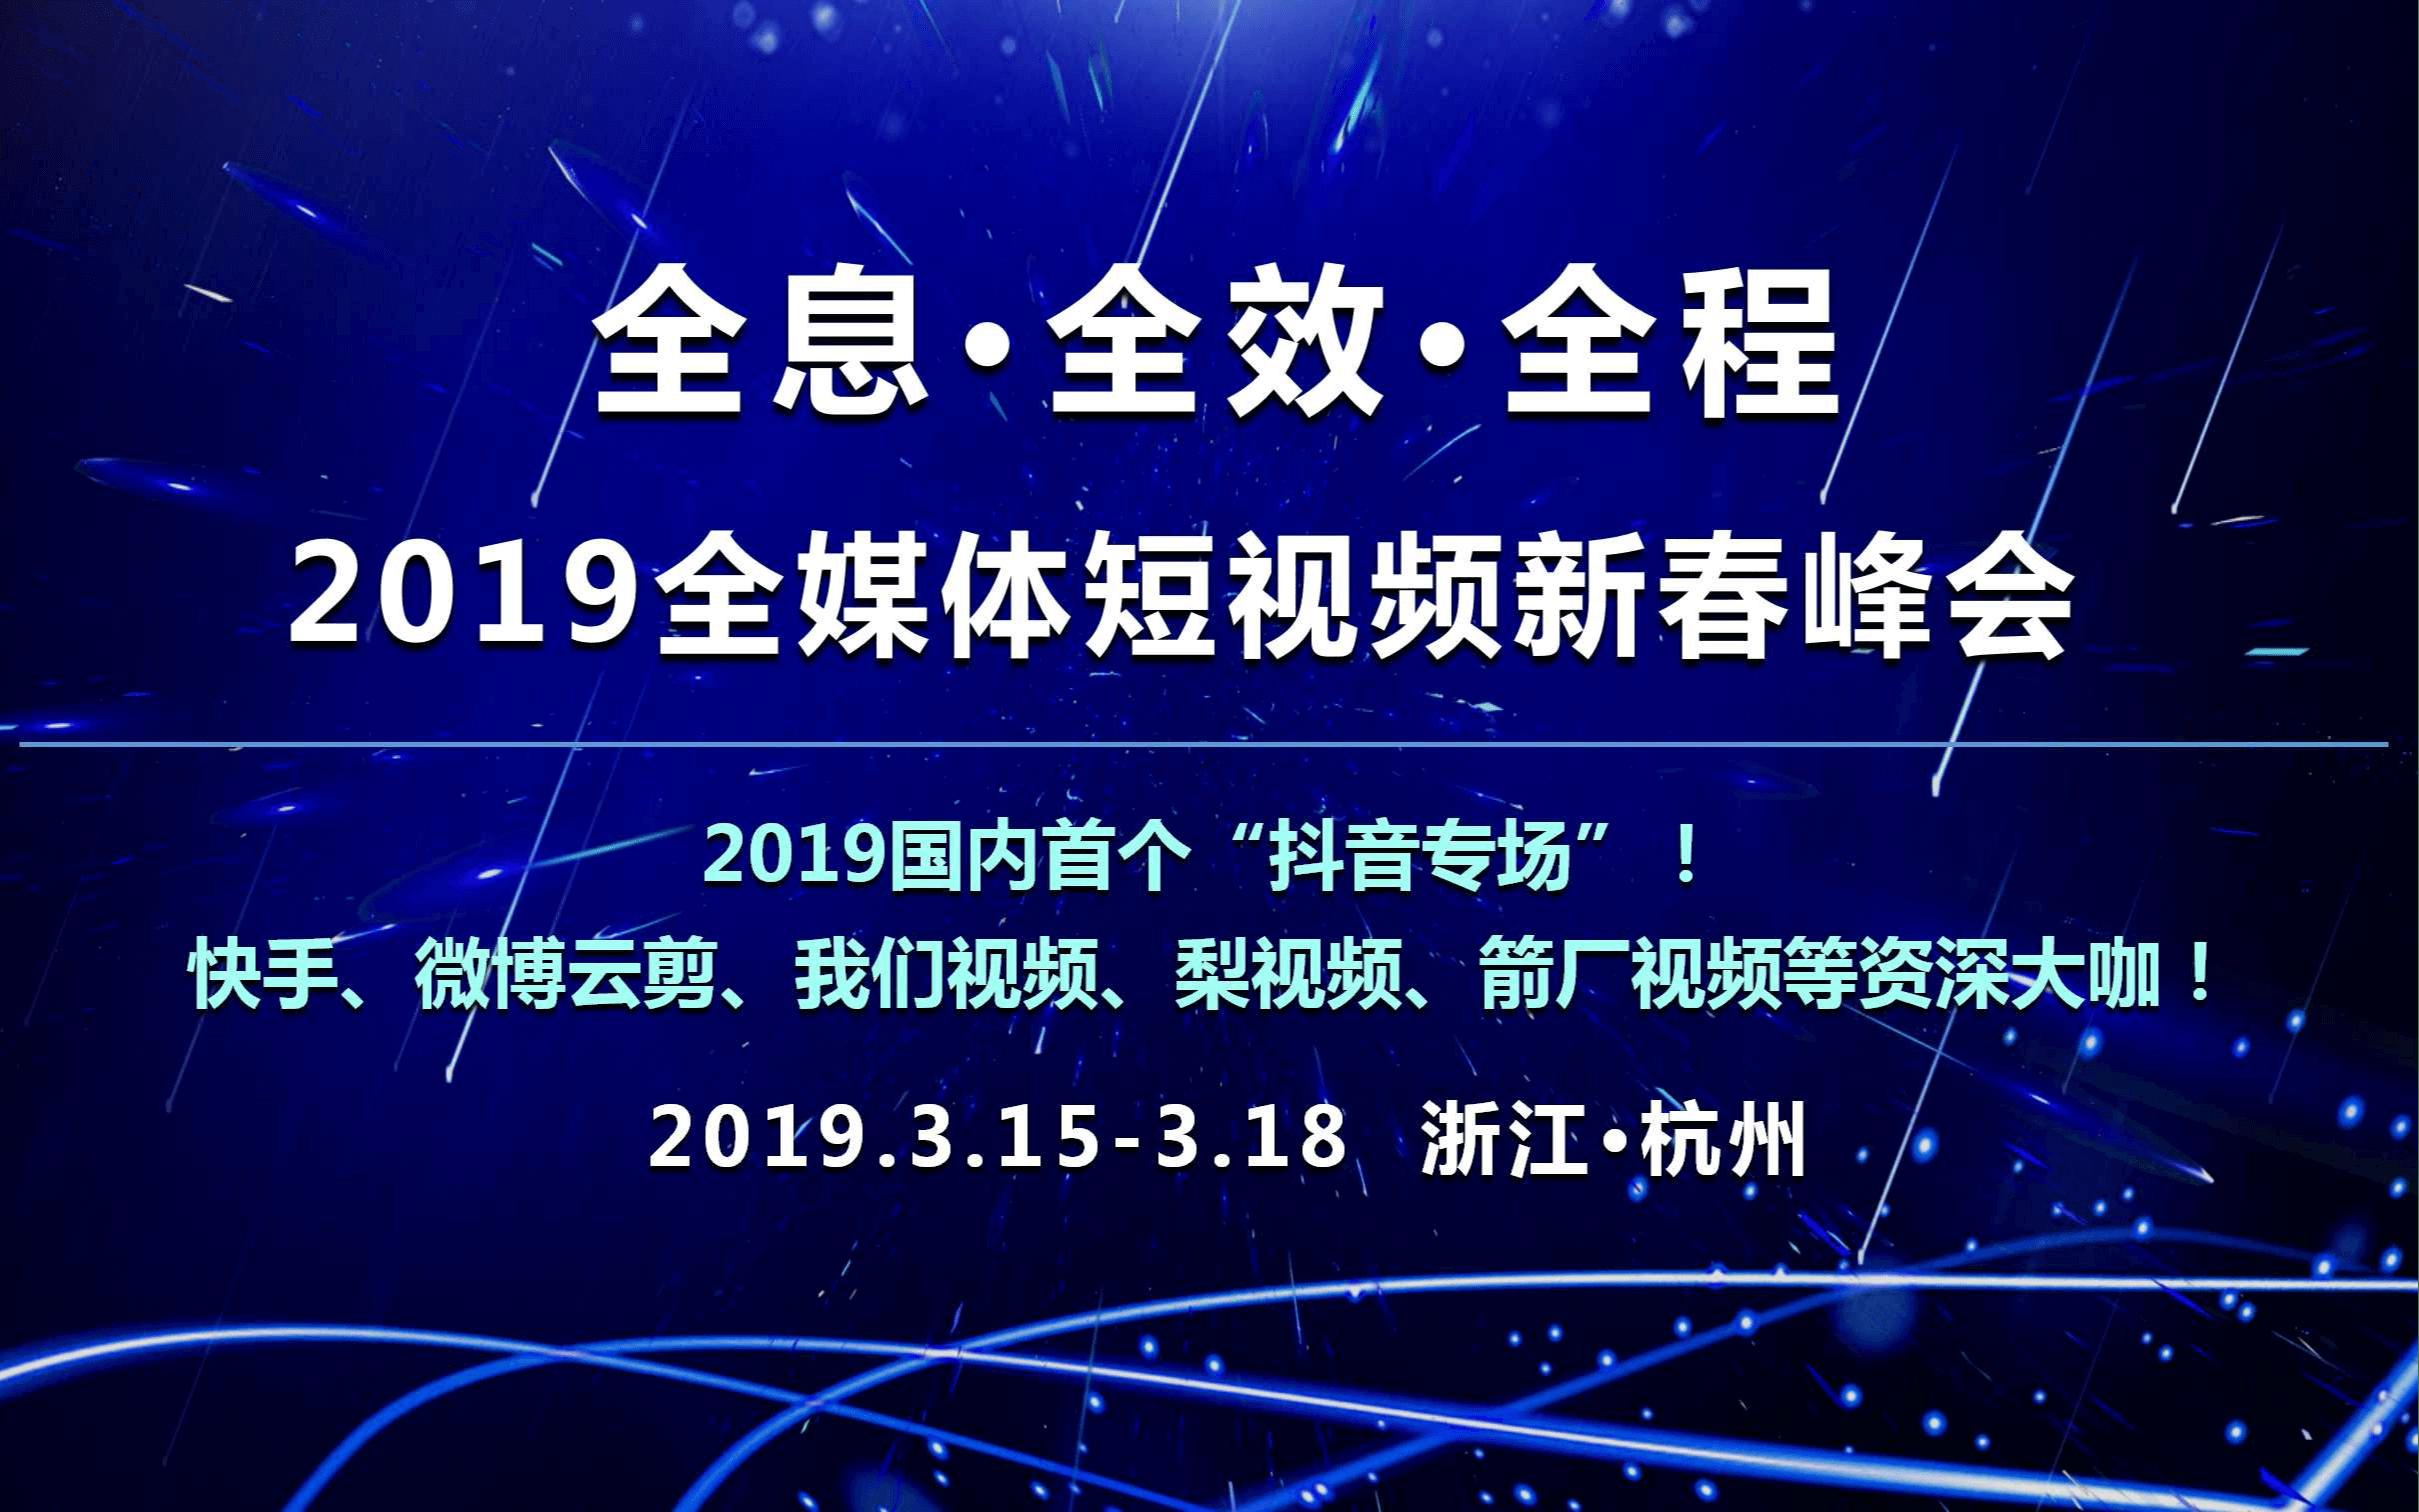 """""""全息·全效·全程""""2019全媒体短视频新春峰会(杭州)"""